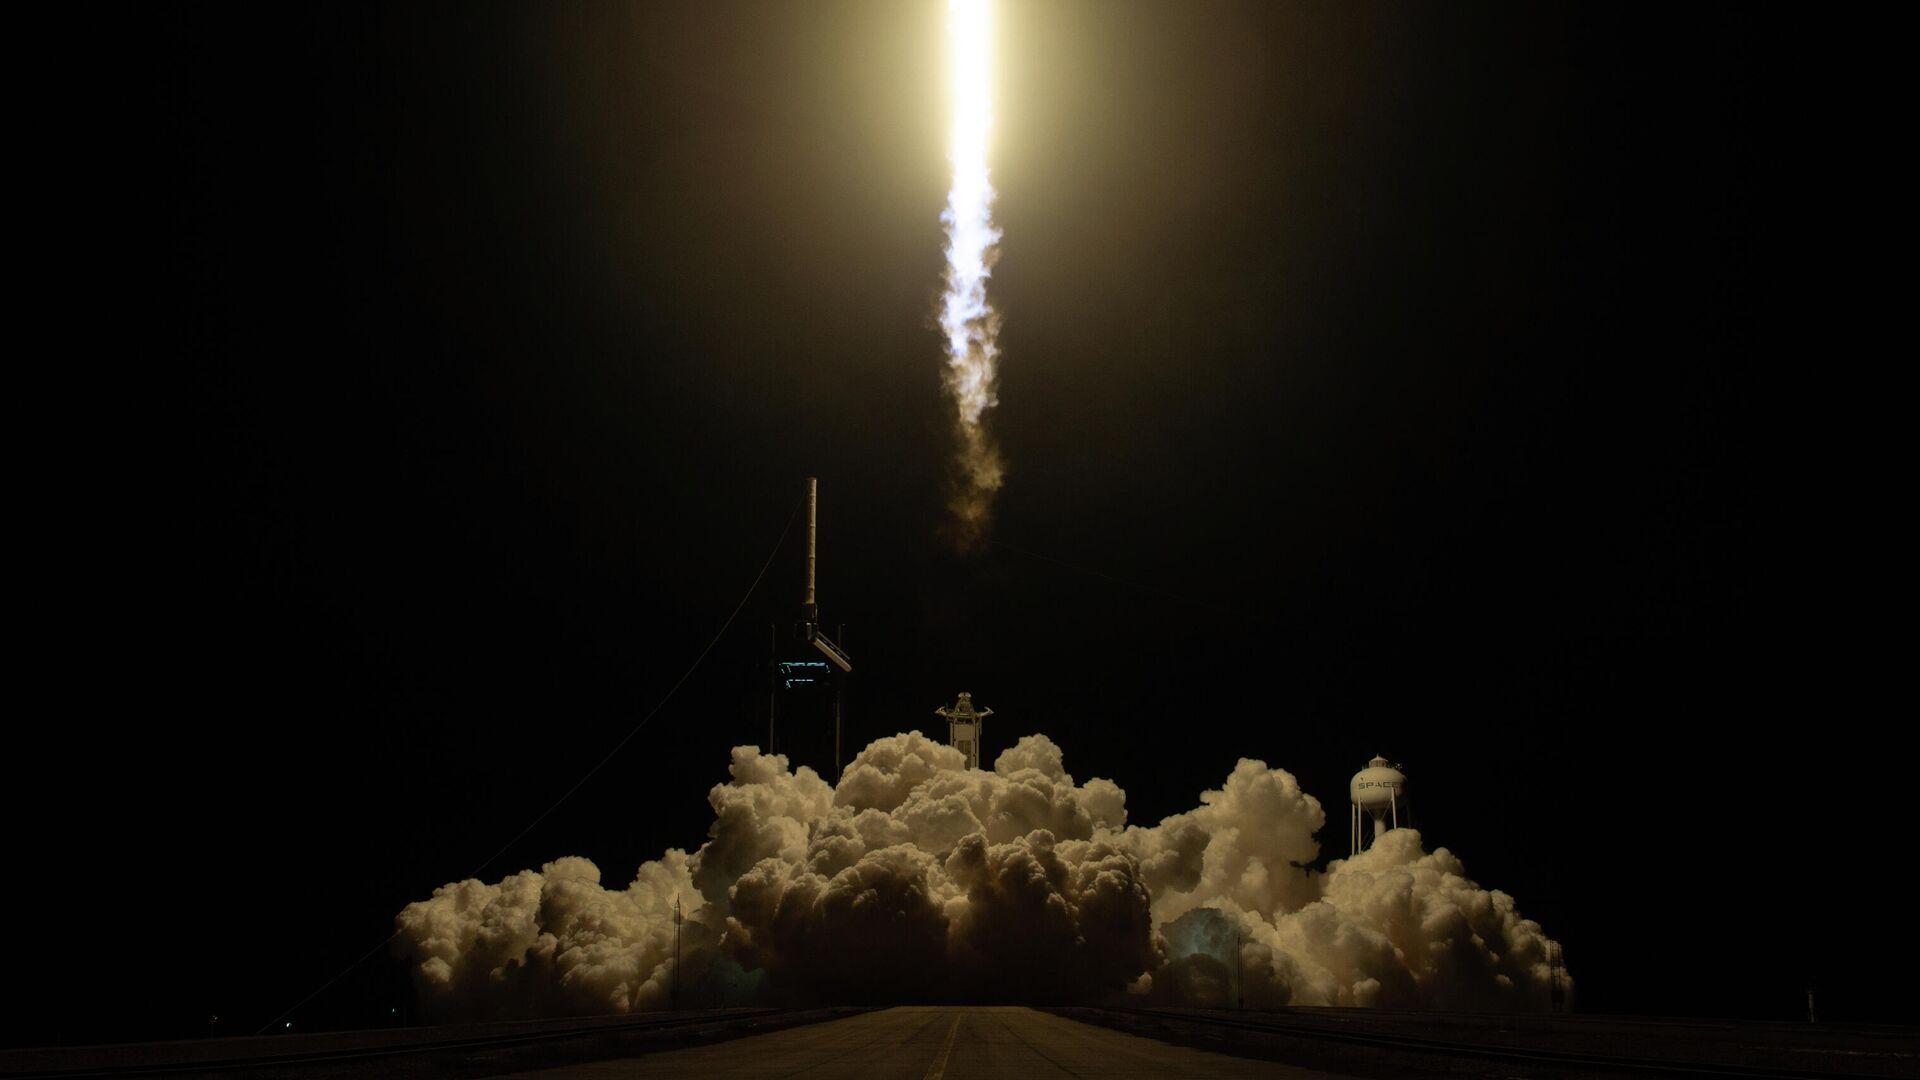 Старт ракеты Falcon 9 с кораблем Crew Dragon к МКС. 15 ноября 2020 - РИА Новости, 1920, 16.11.2020